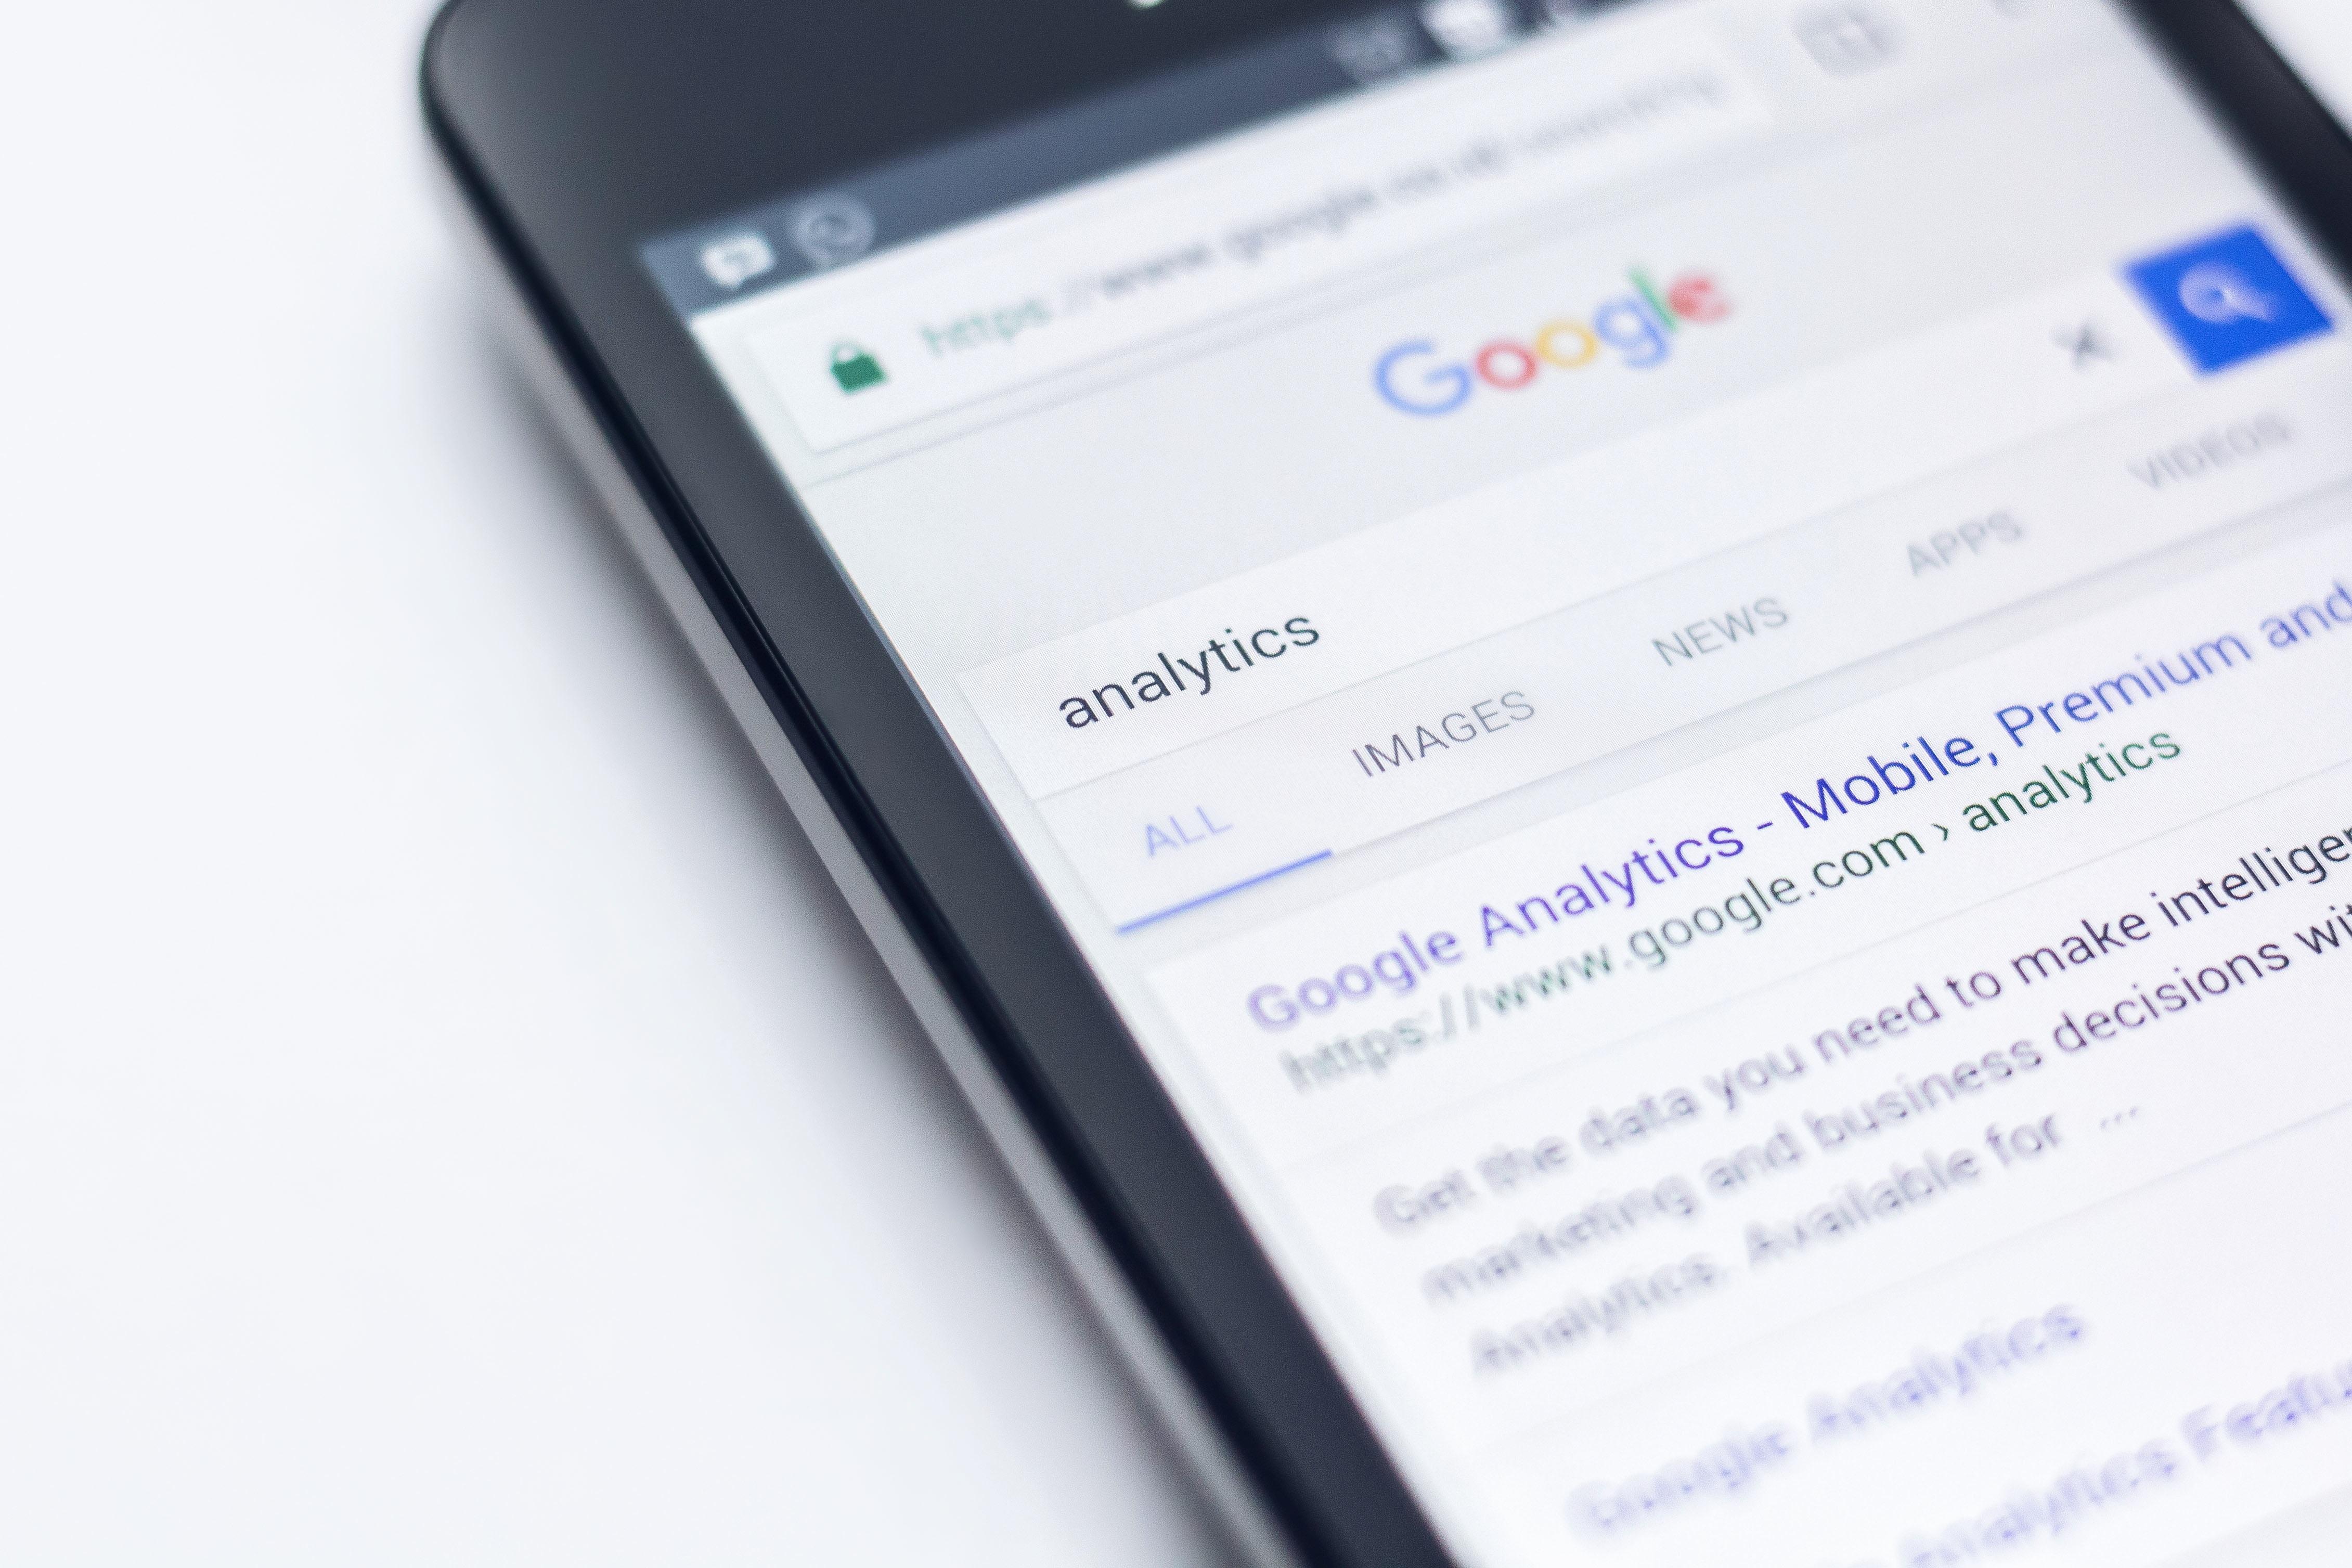 Smartphone google in beeld